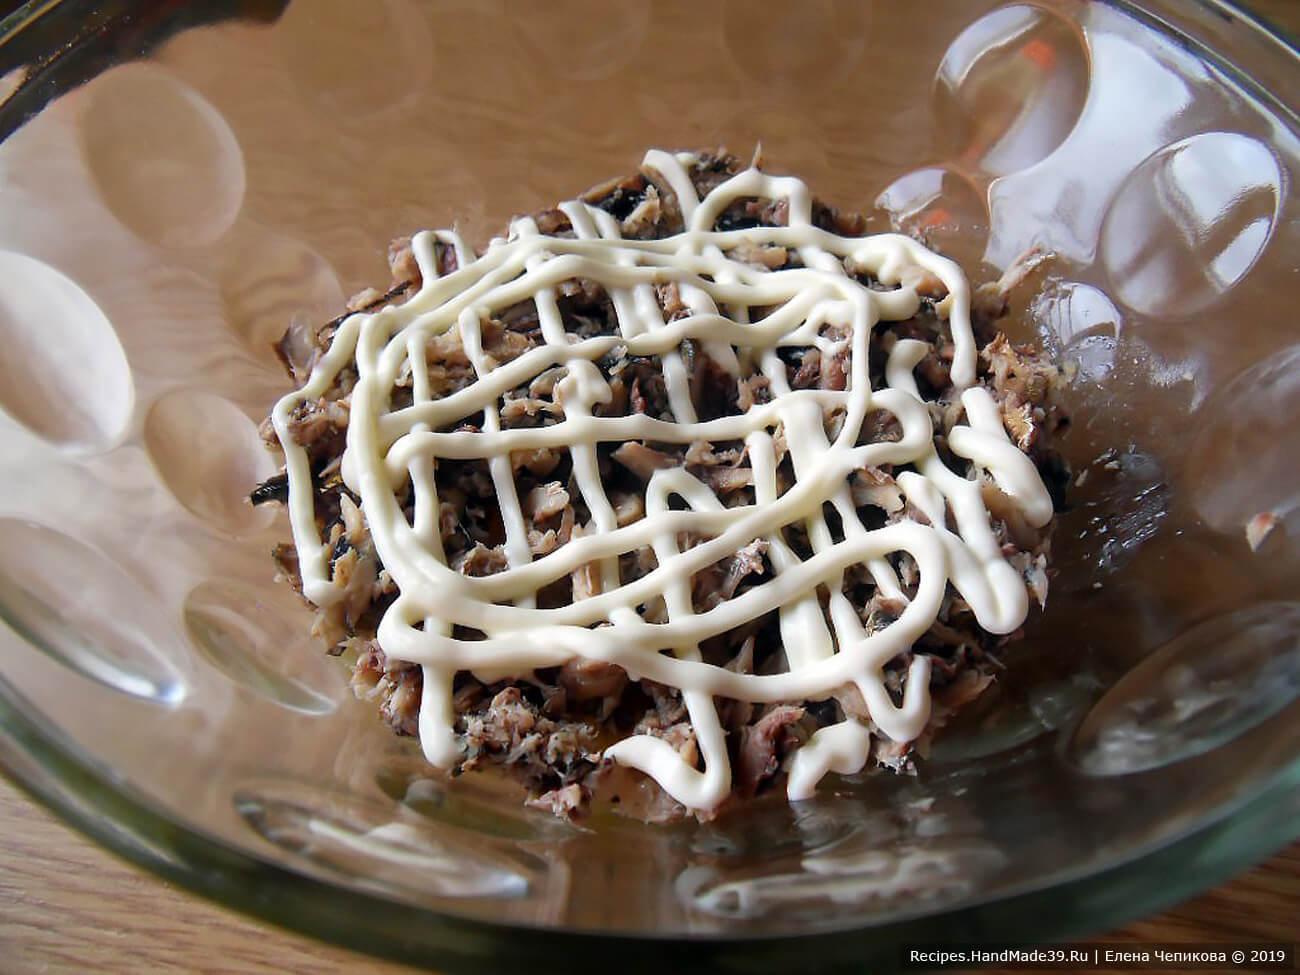 2-й слой салата – размятые шпроты + сетка из майонеза